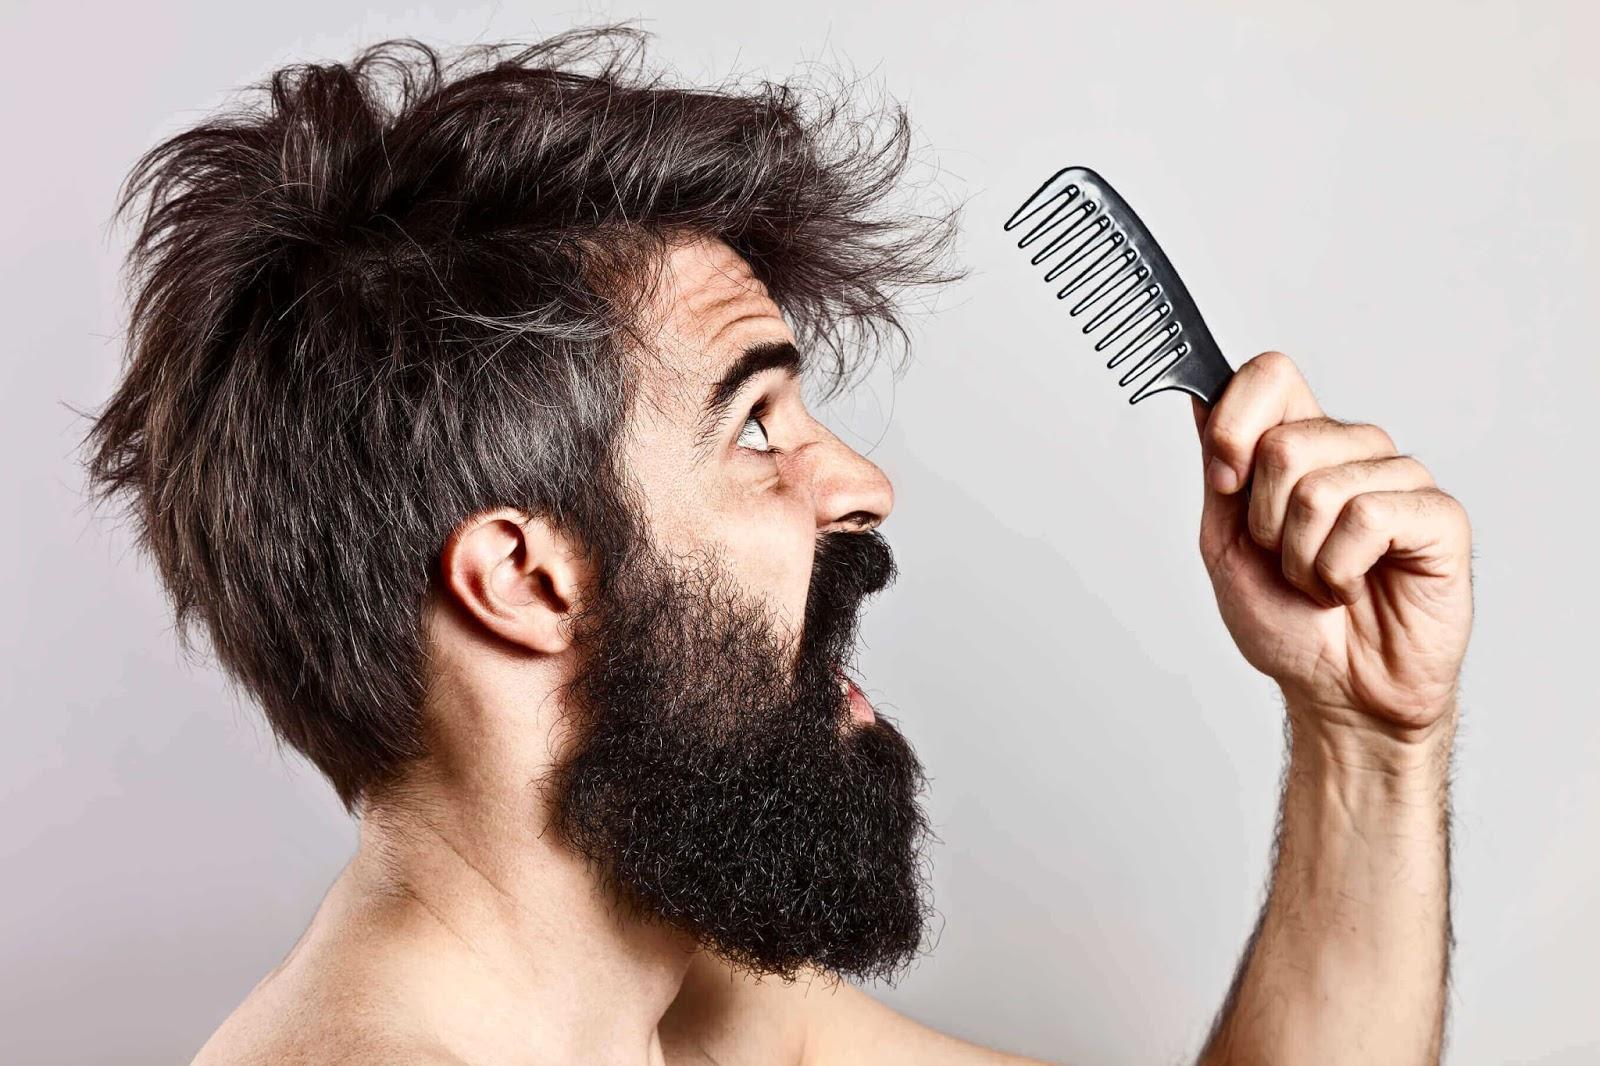 La chute des cheveux que signifie